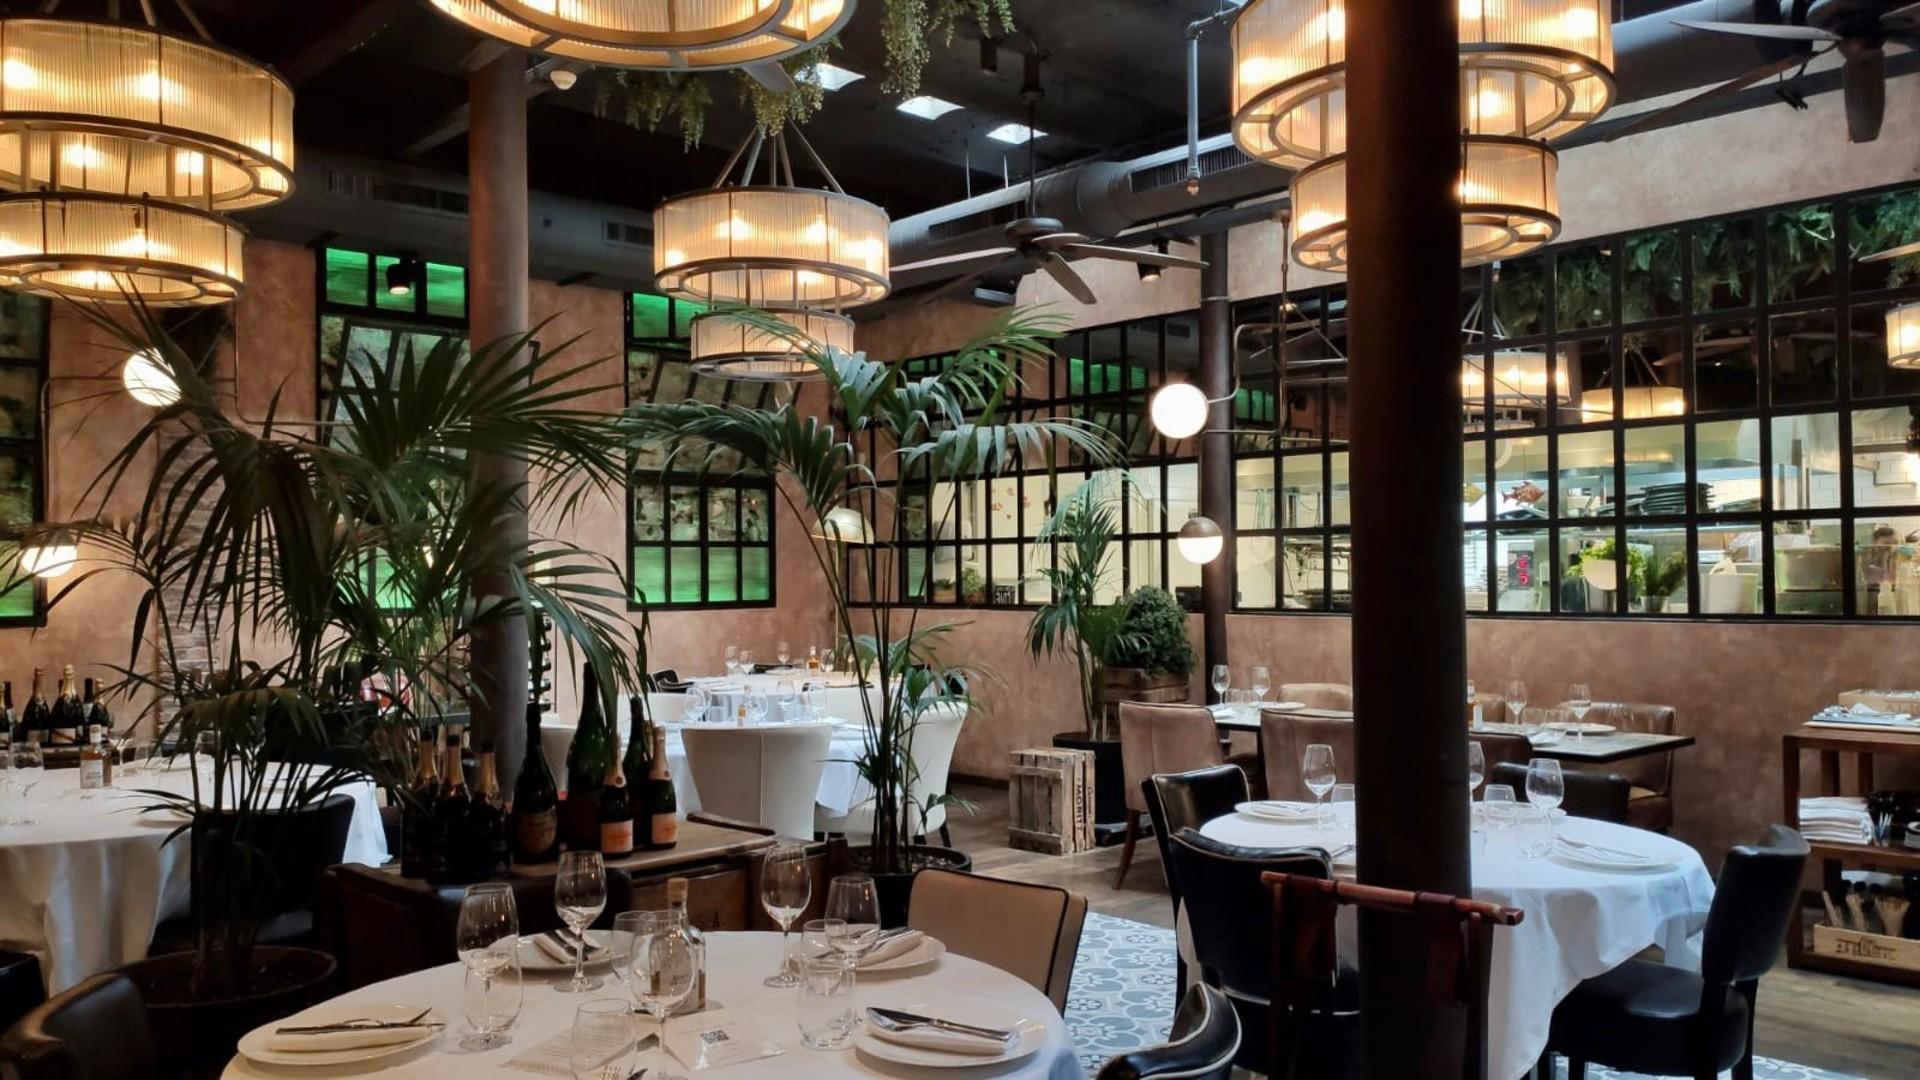 Interior d'un restaurant